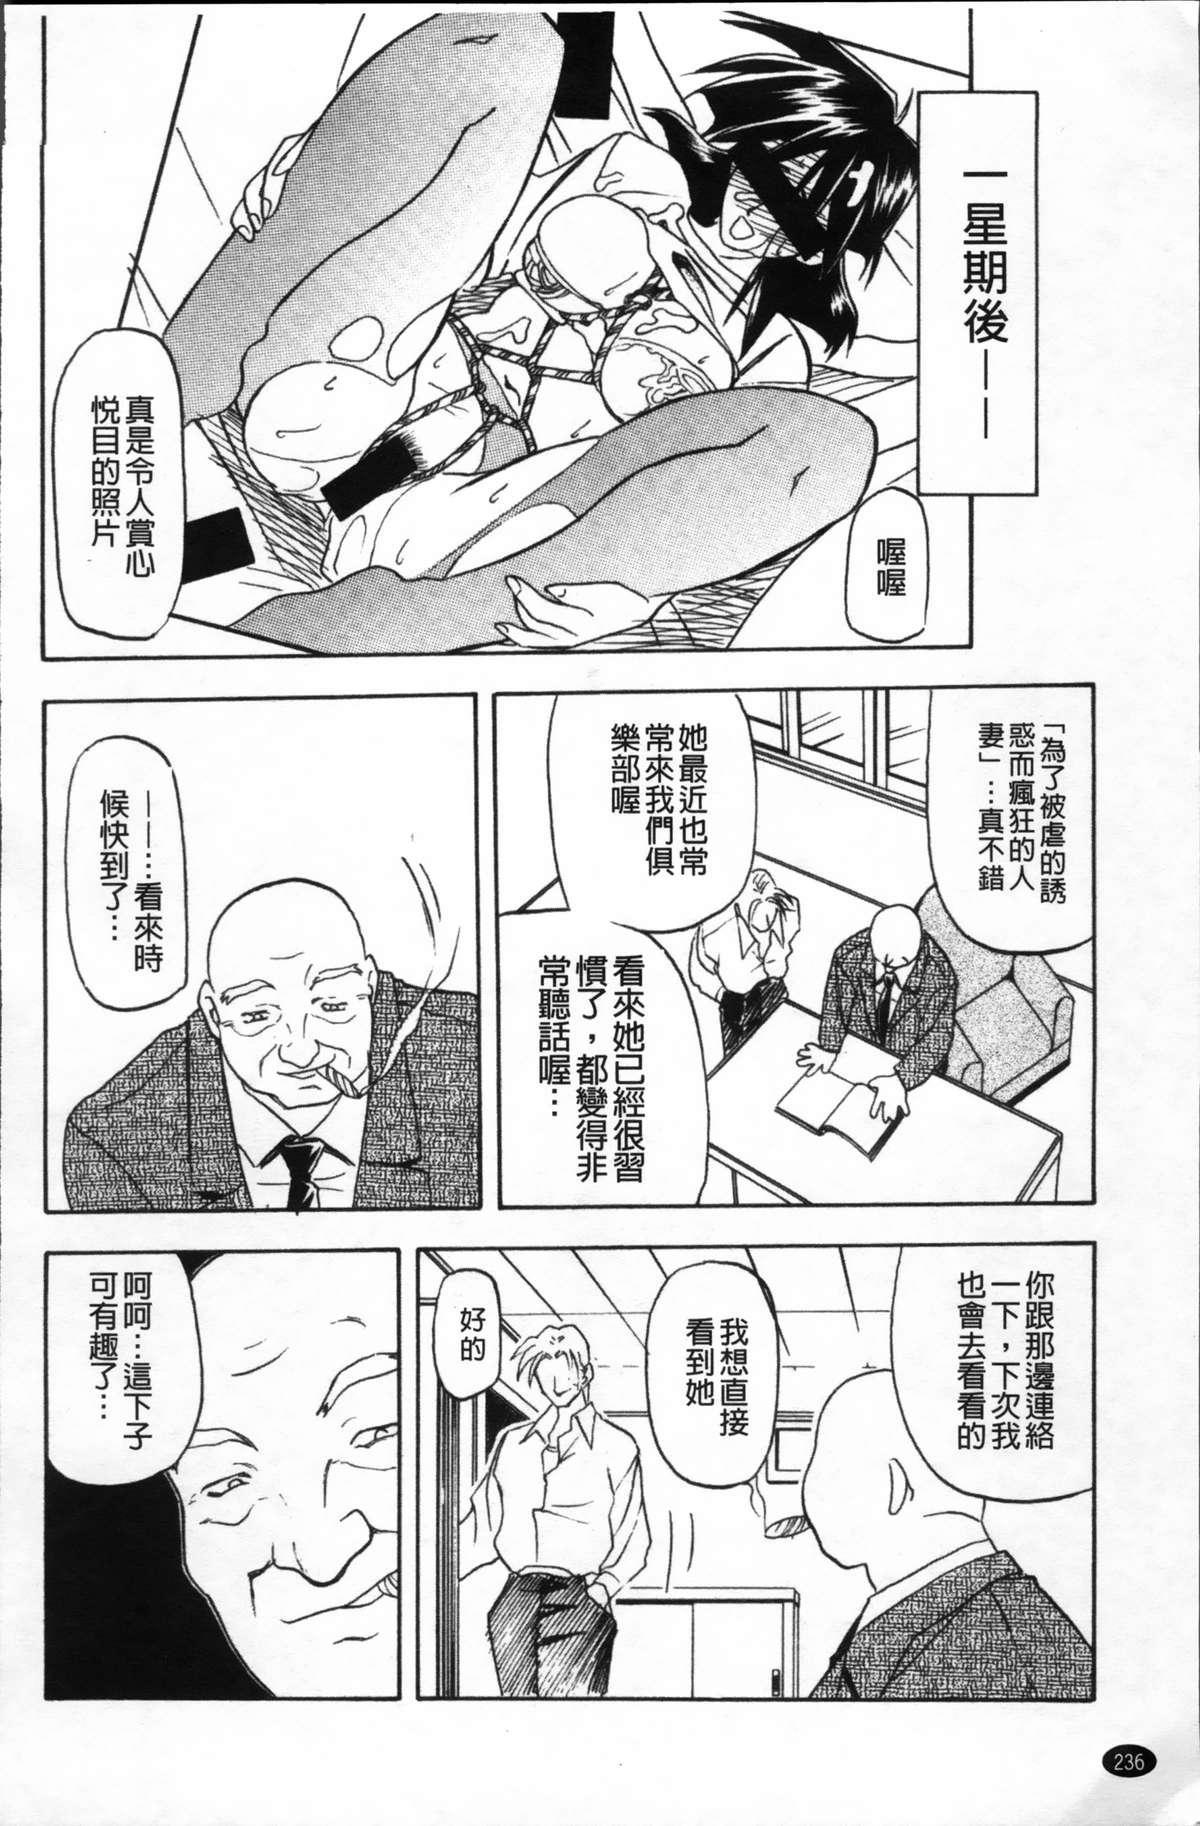 Hiiro no Koku Kanzenban   緋色之刻 完全版 239